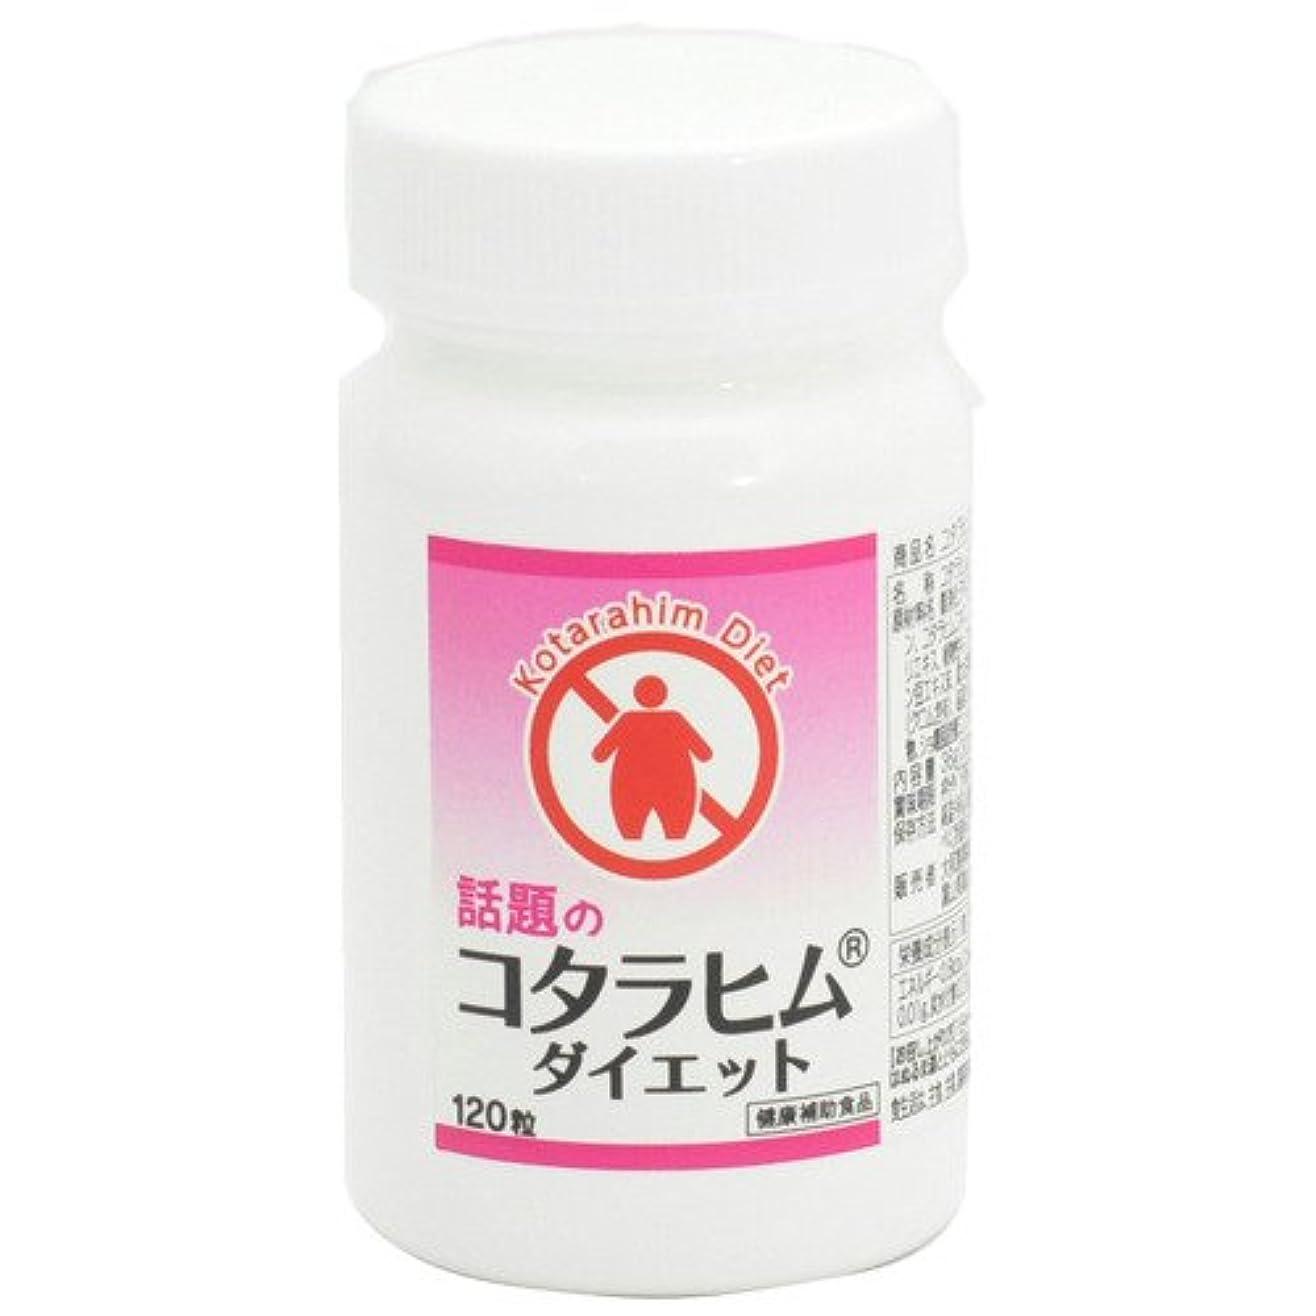 賞トラブルラックコタラヒムダイエット 120粒